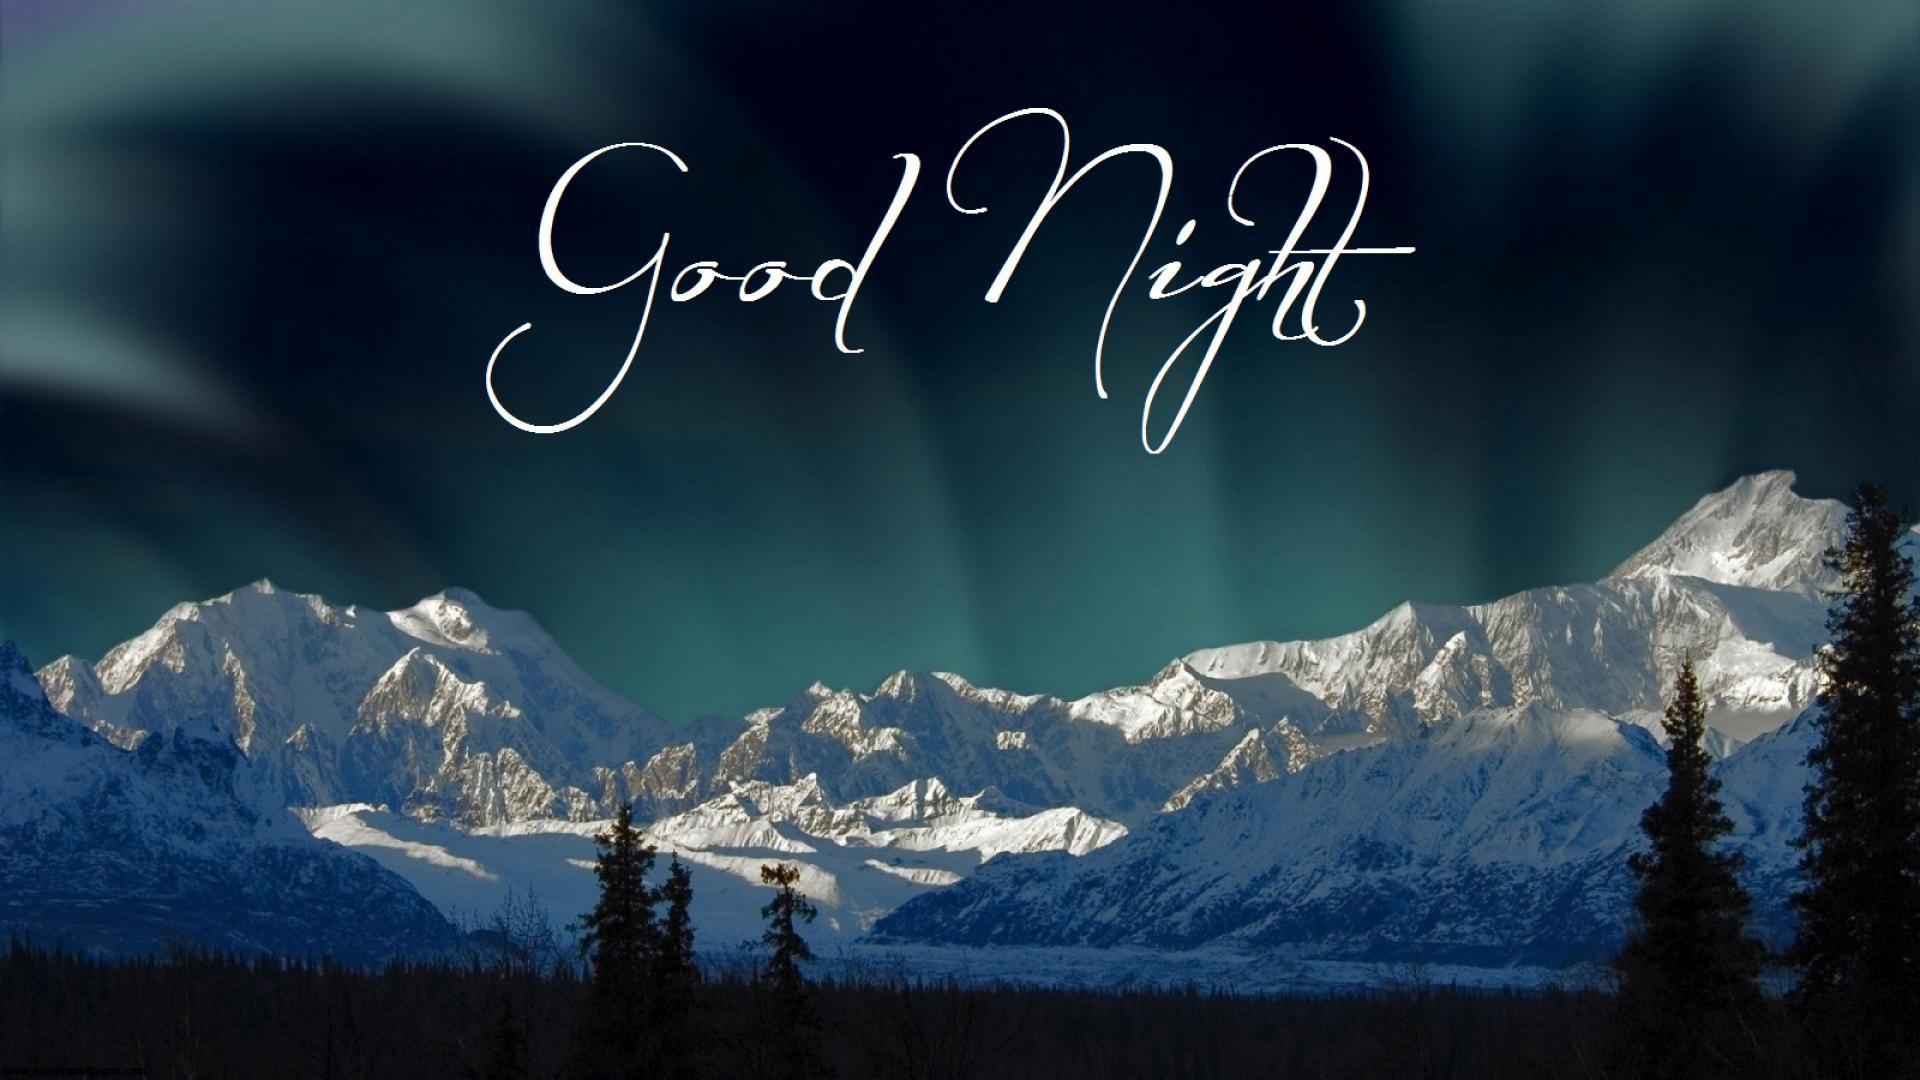 Ảnh chúc bé ngủ ngon good night đẹp